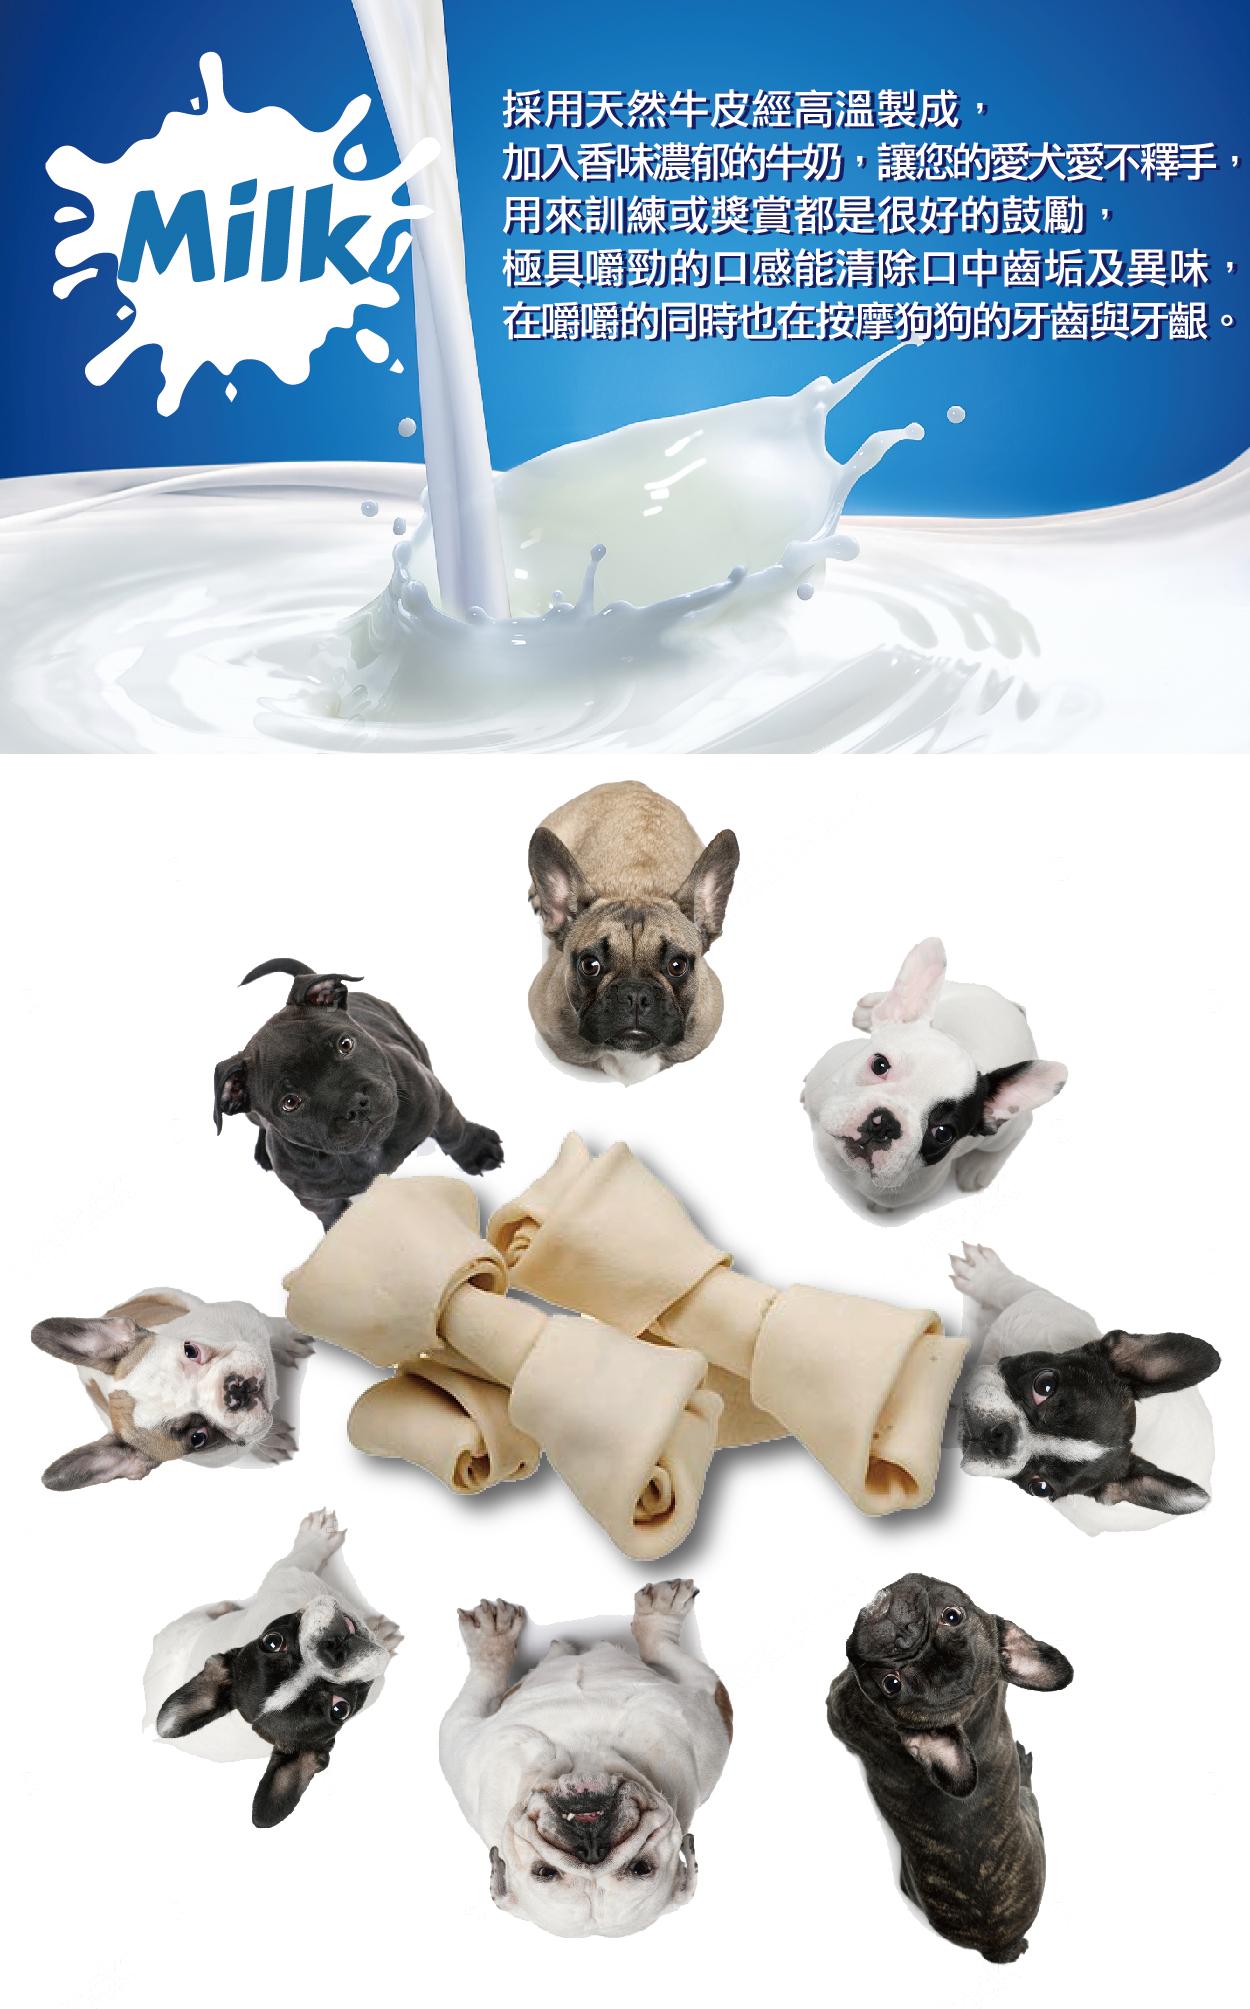 戀戀寵物潔牙骨是您用來訓練或獎賞愛犬的最佳選擇丨全球寵物狗狗零嘴